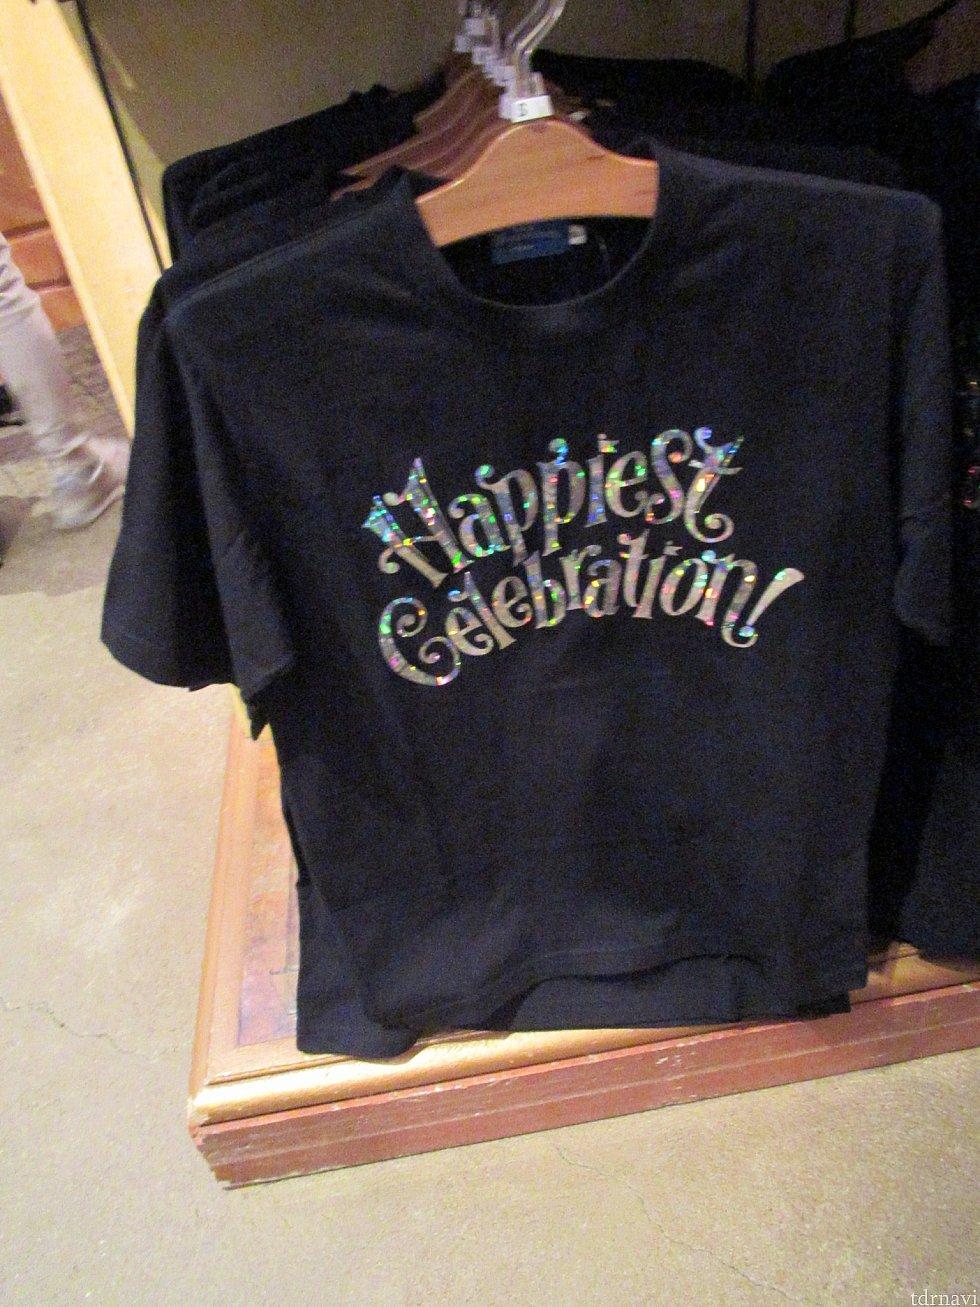 Tシャツ 2900円 とてもシンプルできやすい。